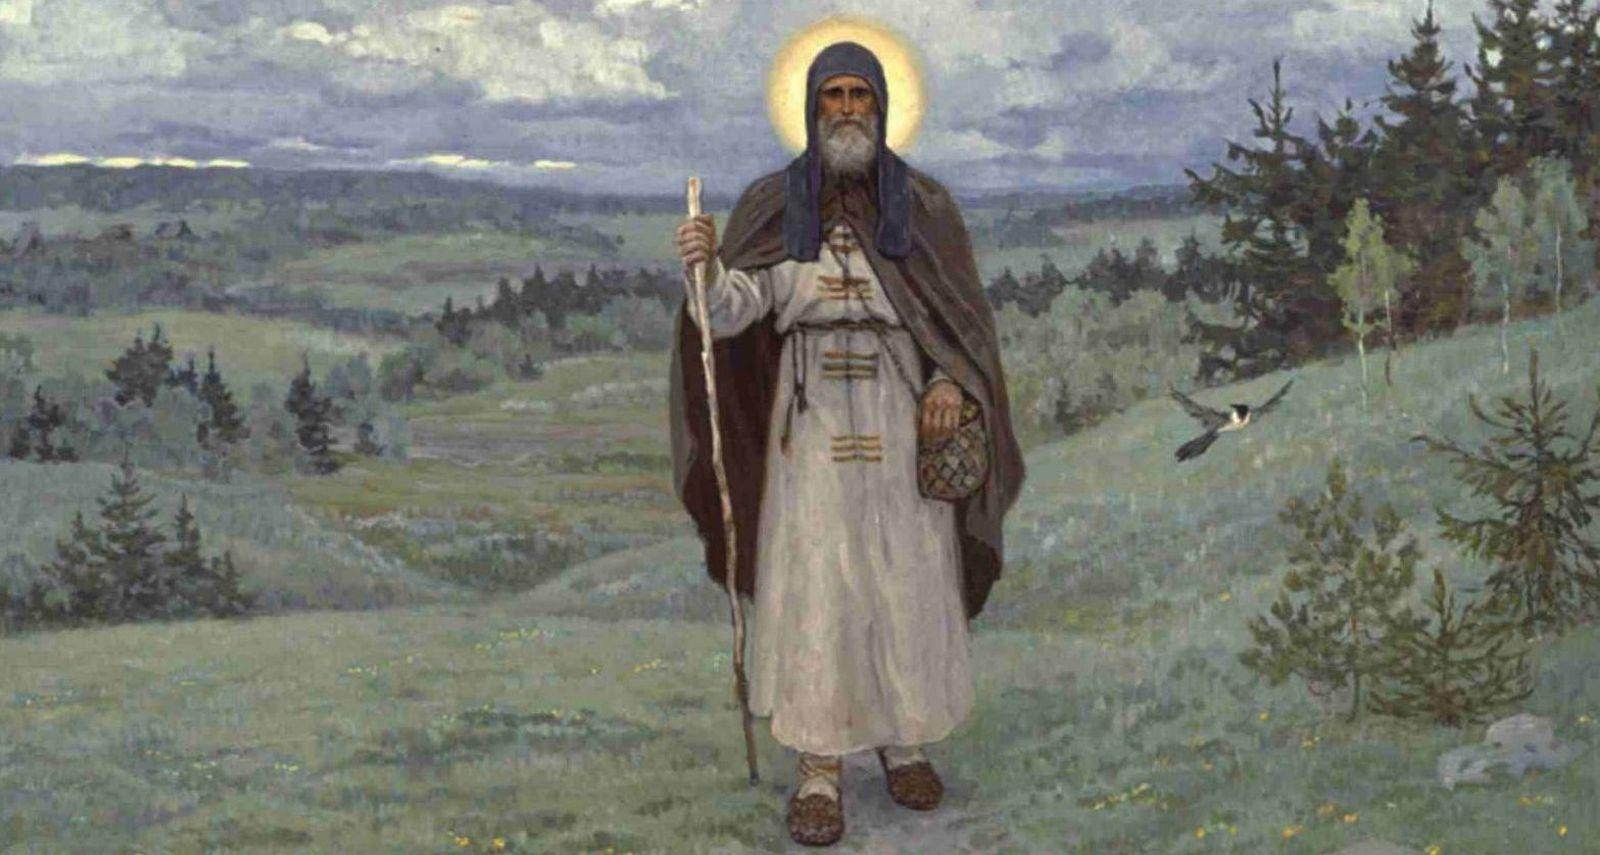 Преподобный Сергий в наших душах отражается